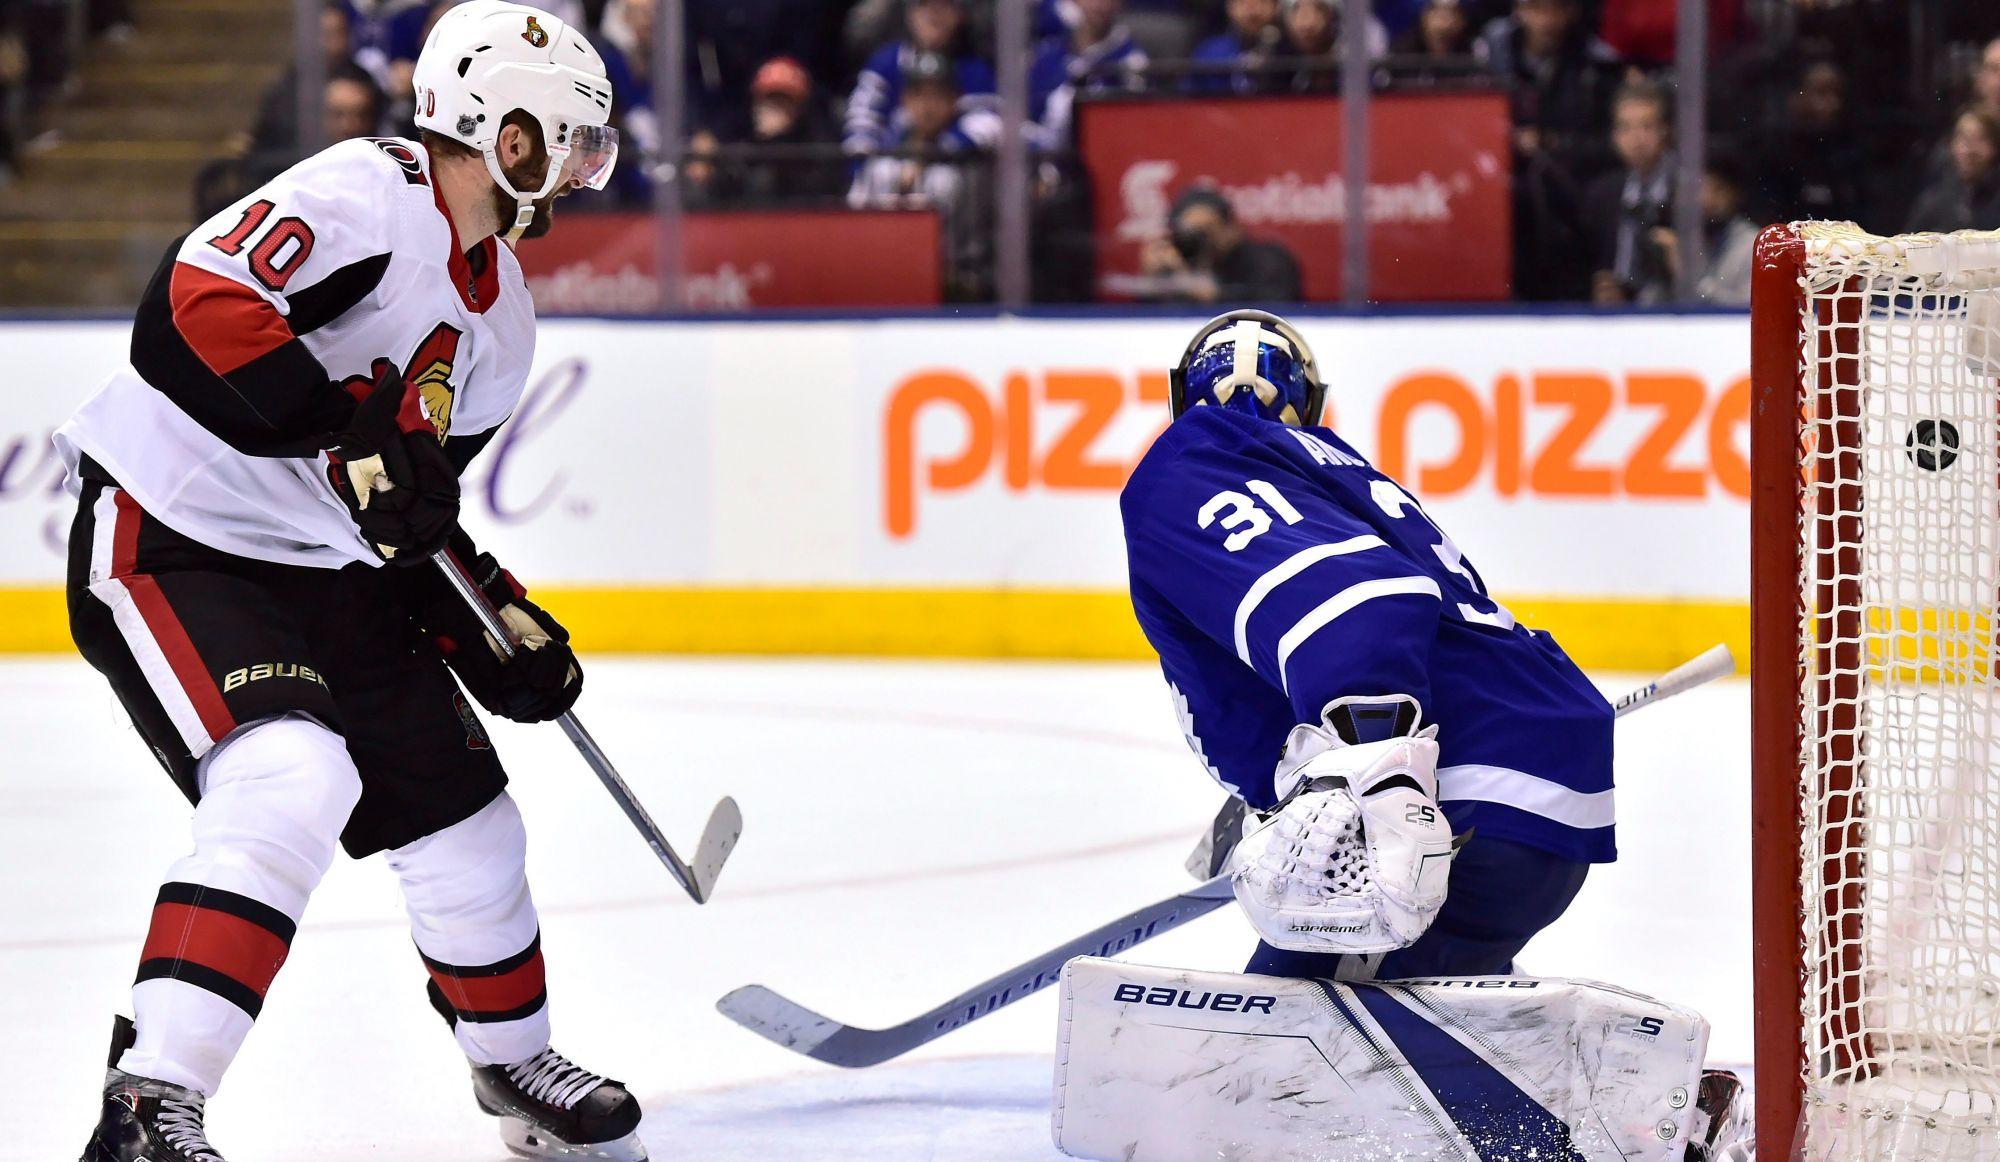 Les Sénateurs surprennent les Maple Leafs 4-3 (vidéos)